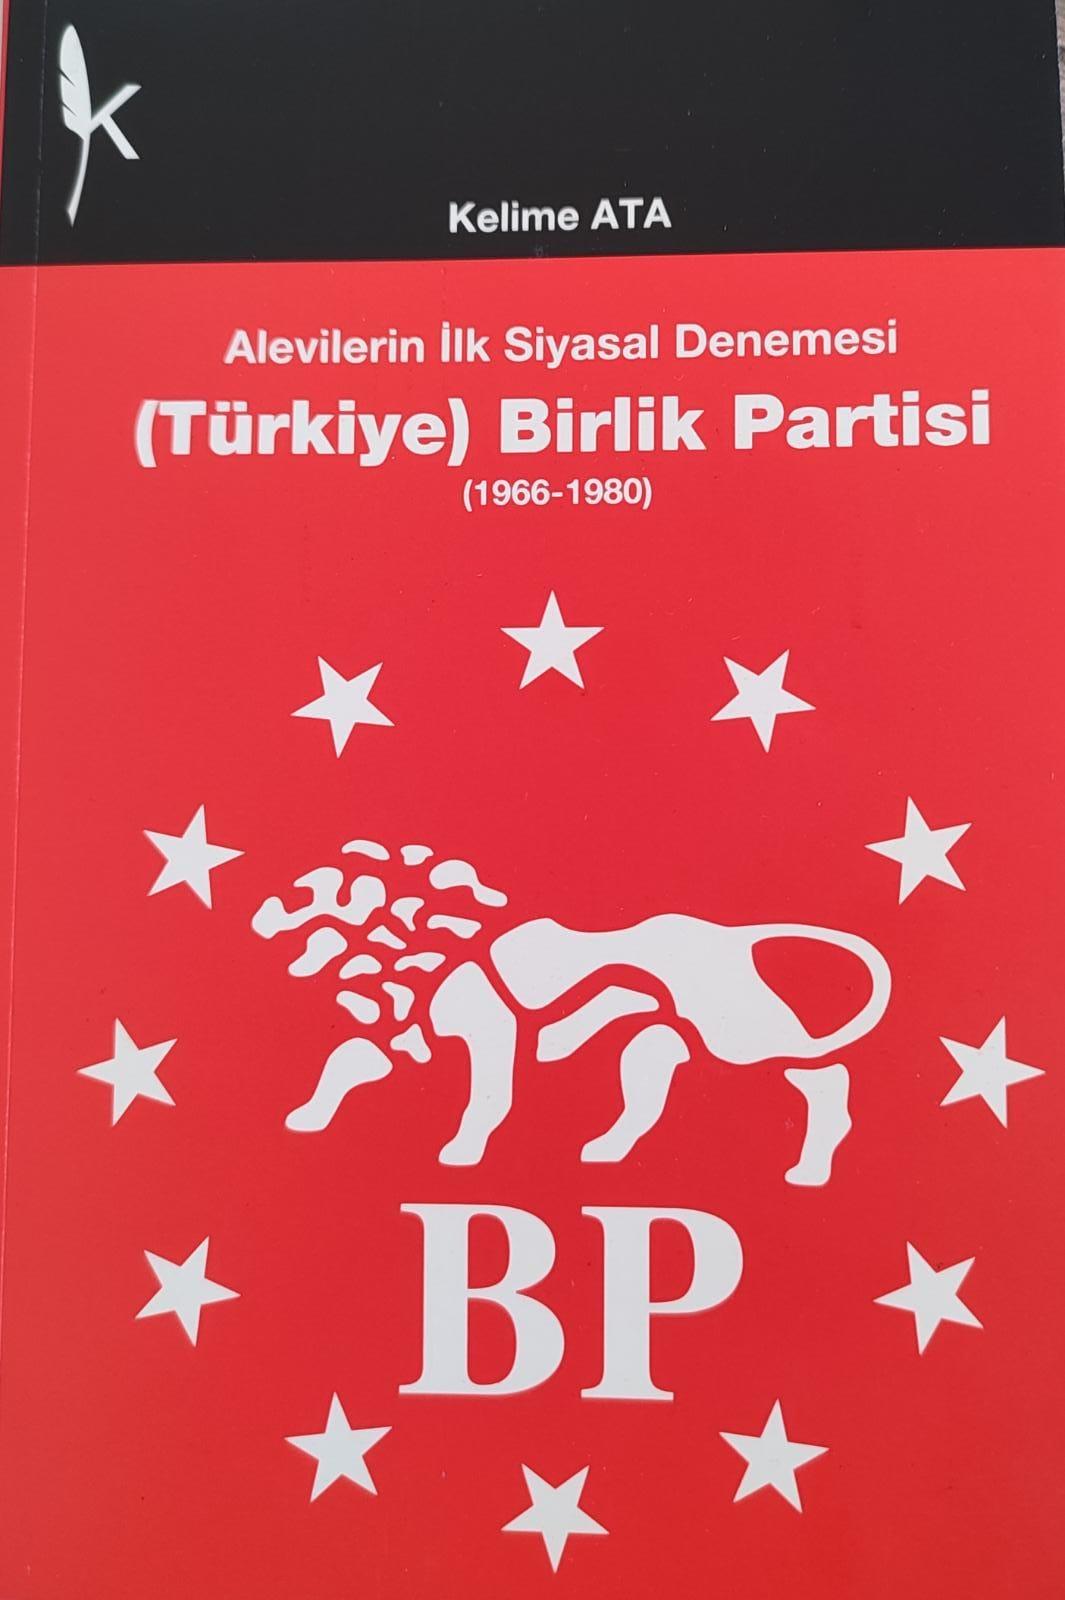 Alevilerin İlk Siyasal Denemesi Türkiye Birlik Partisi (1966-1980)